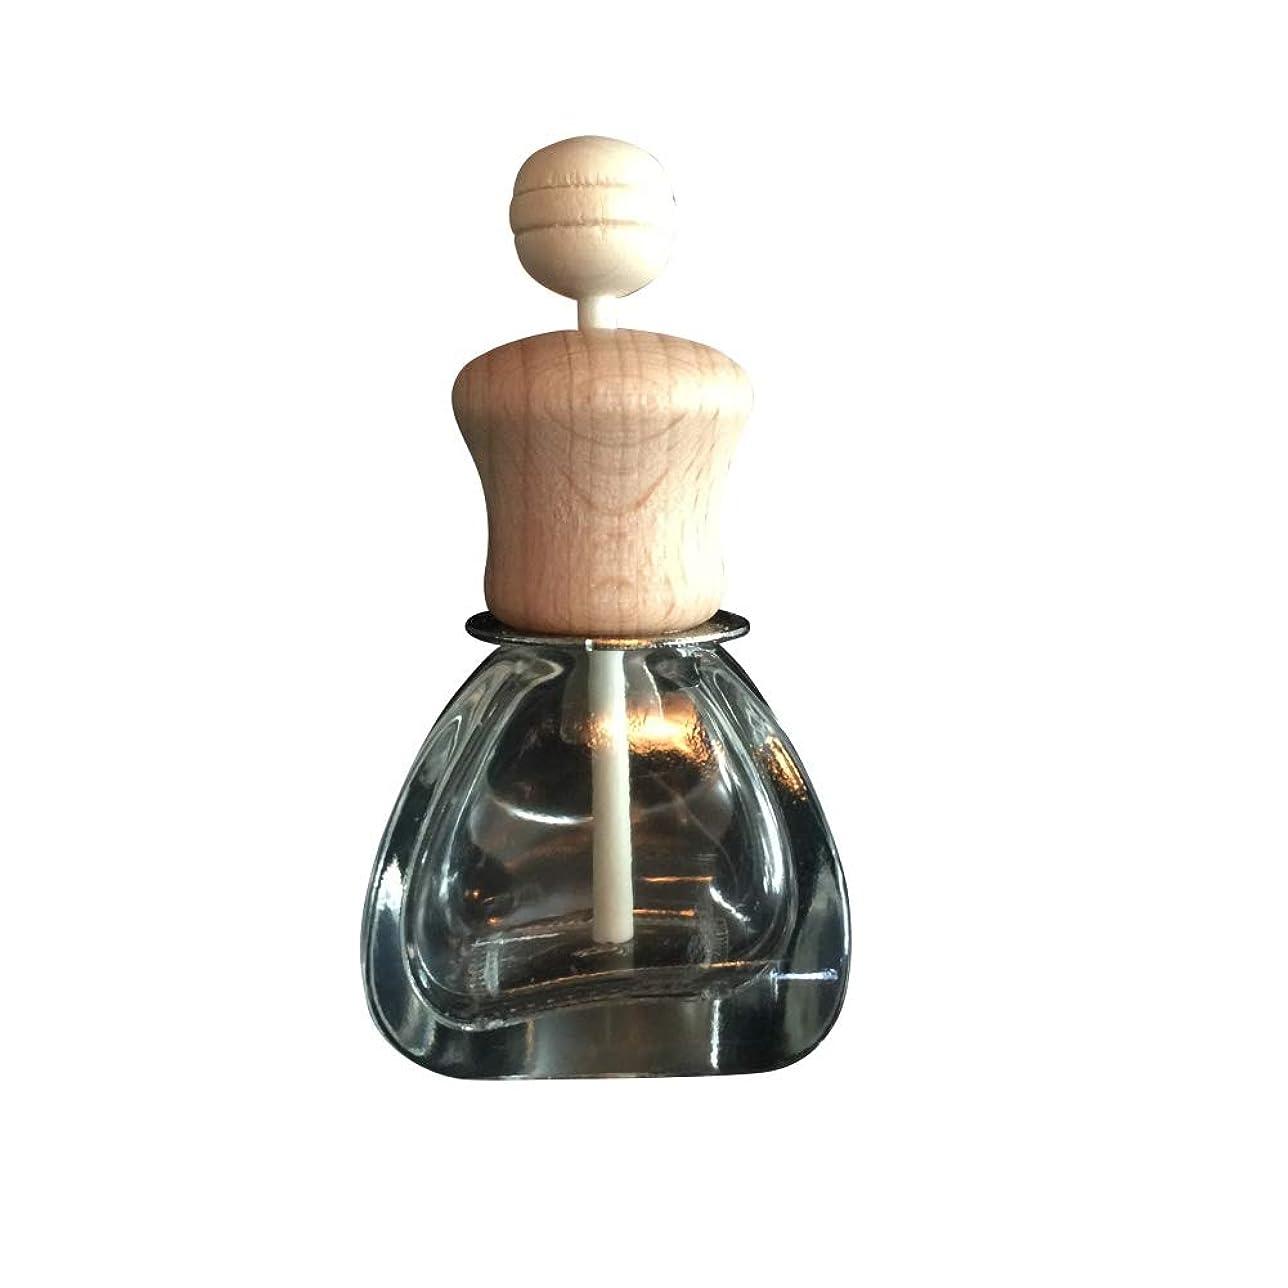 マウンド抜粋敬意KISSION カーベント香水瓶 詰め替え可能 車のペンダント 芳香剤 香水ディフューザー 香水瓶 掛けて 空気清涼剤 ディフューザー フレグランスボトル